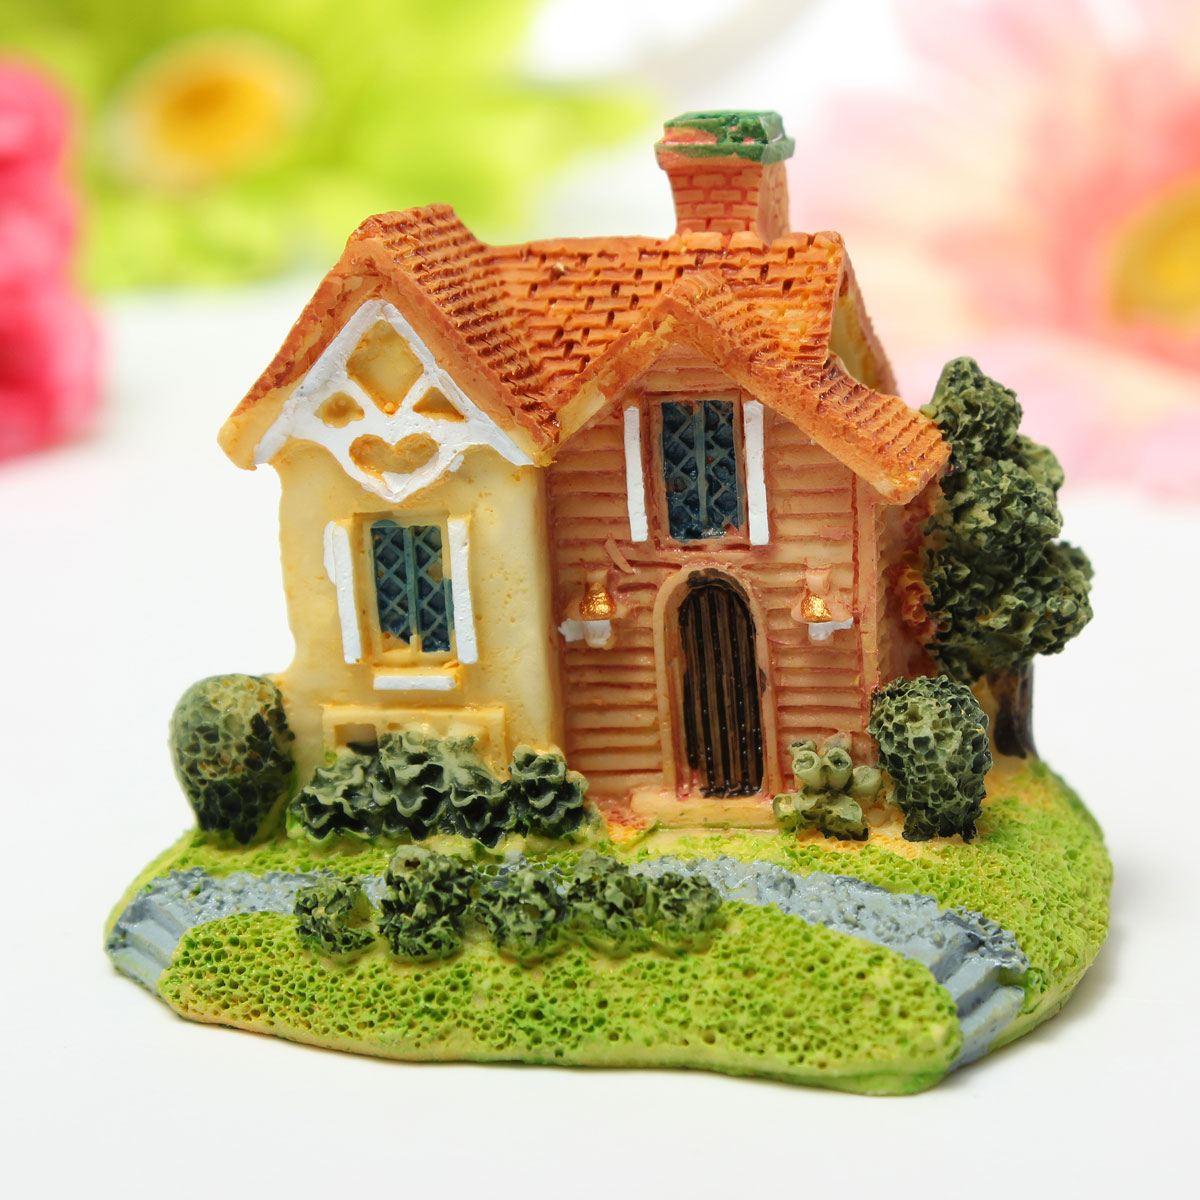 Micro landschap decoratie verdiepingen villa huizen huis accessoires hars ornamenten tuinieren - Decoratie villas ...